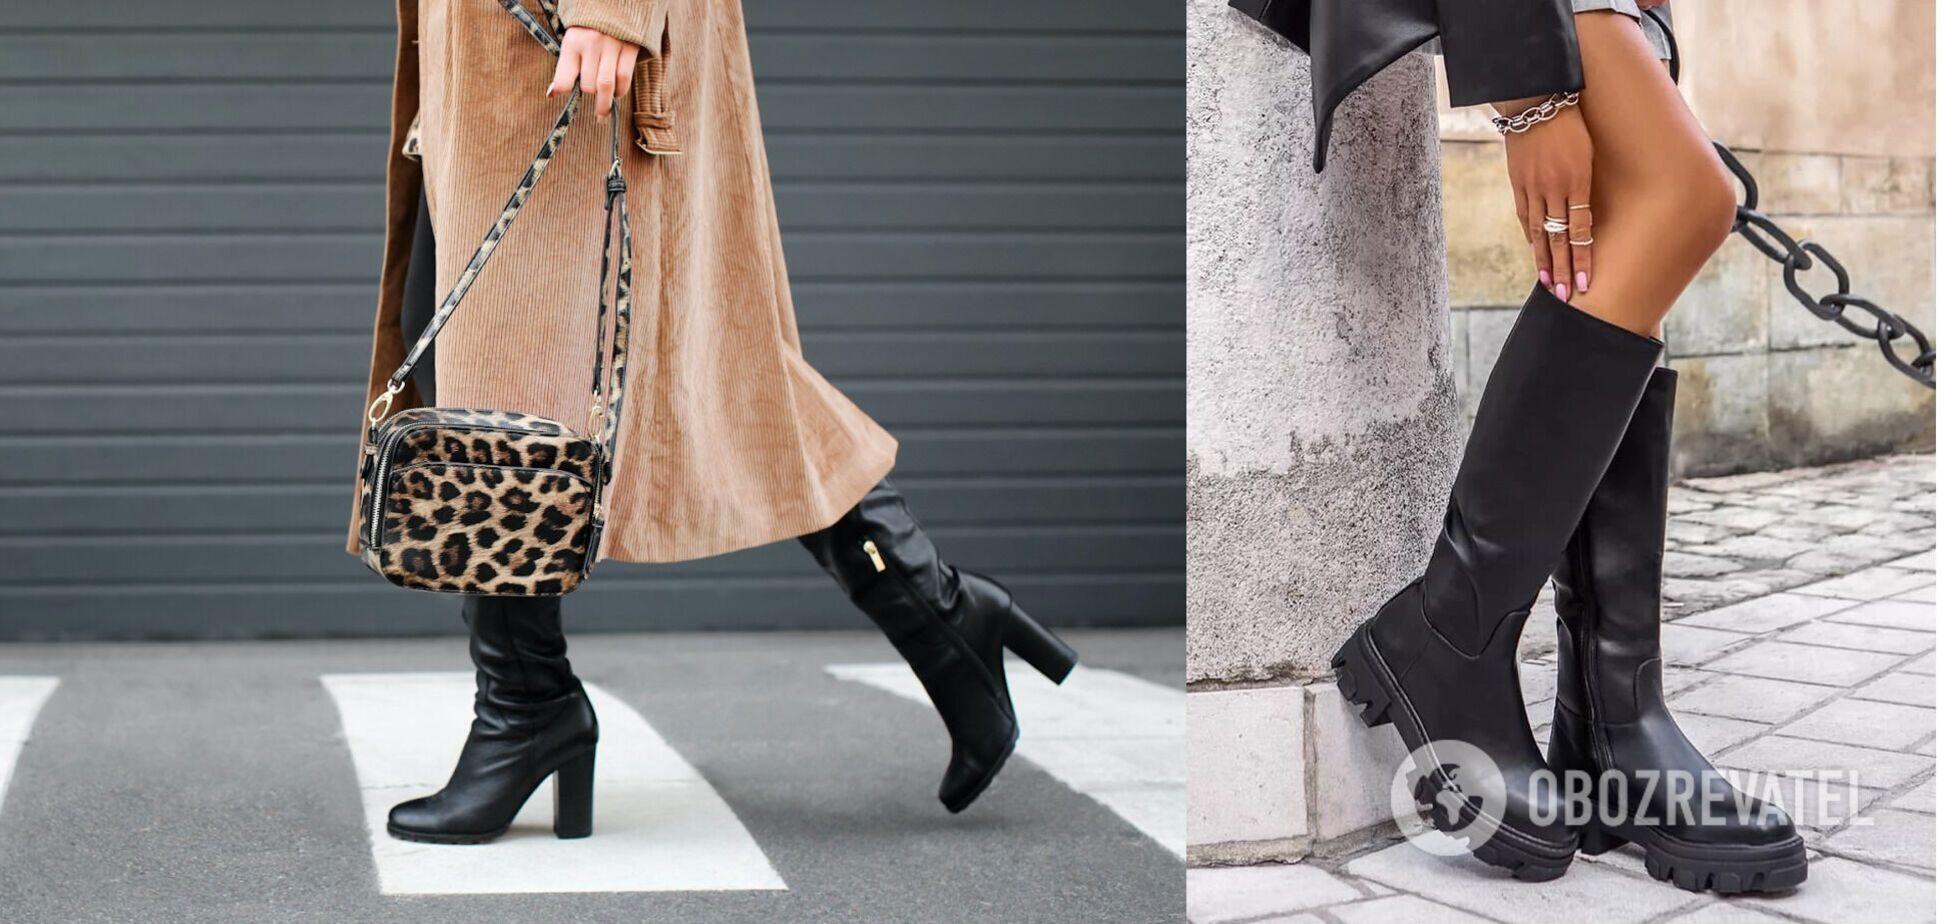 Жокейские сапоги, ботфорты и ботинки-'подушки': стилист назвала главные обувные тренды 2020-2021